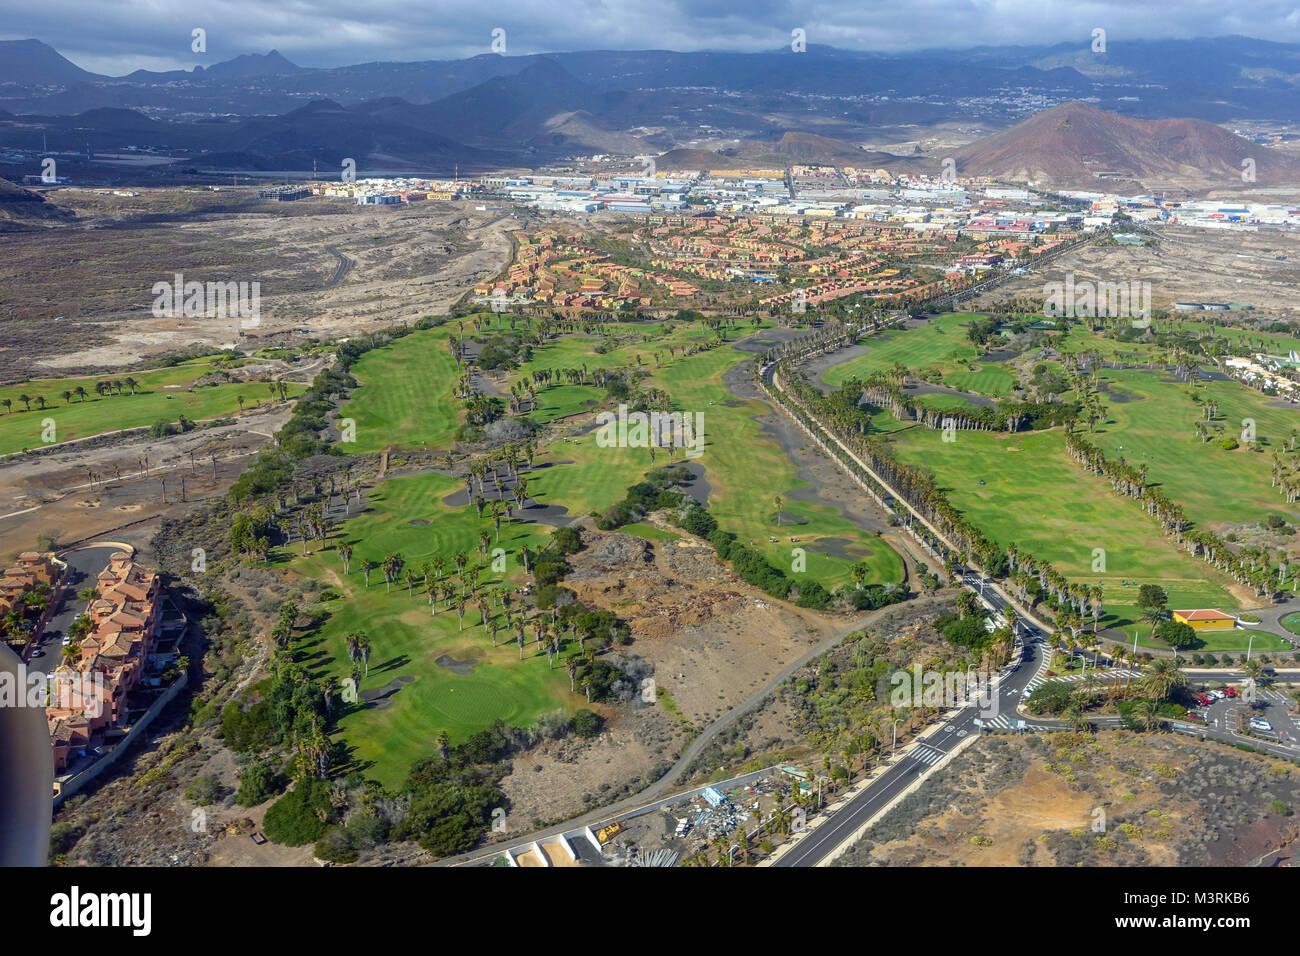 Aeroporto Tenerife Sud : Campo da golf e urbanisations visto da di avvicinamento in aereo